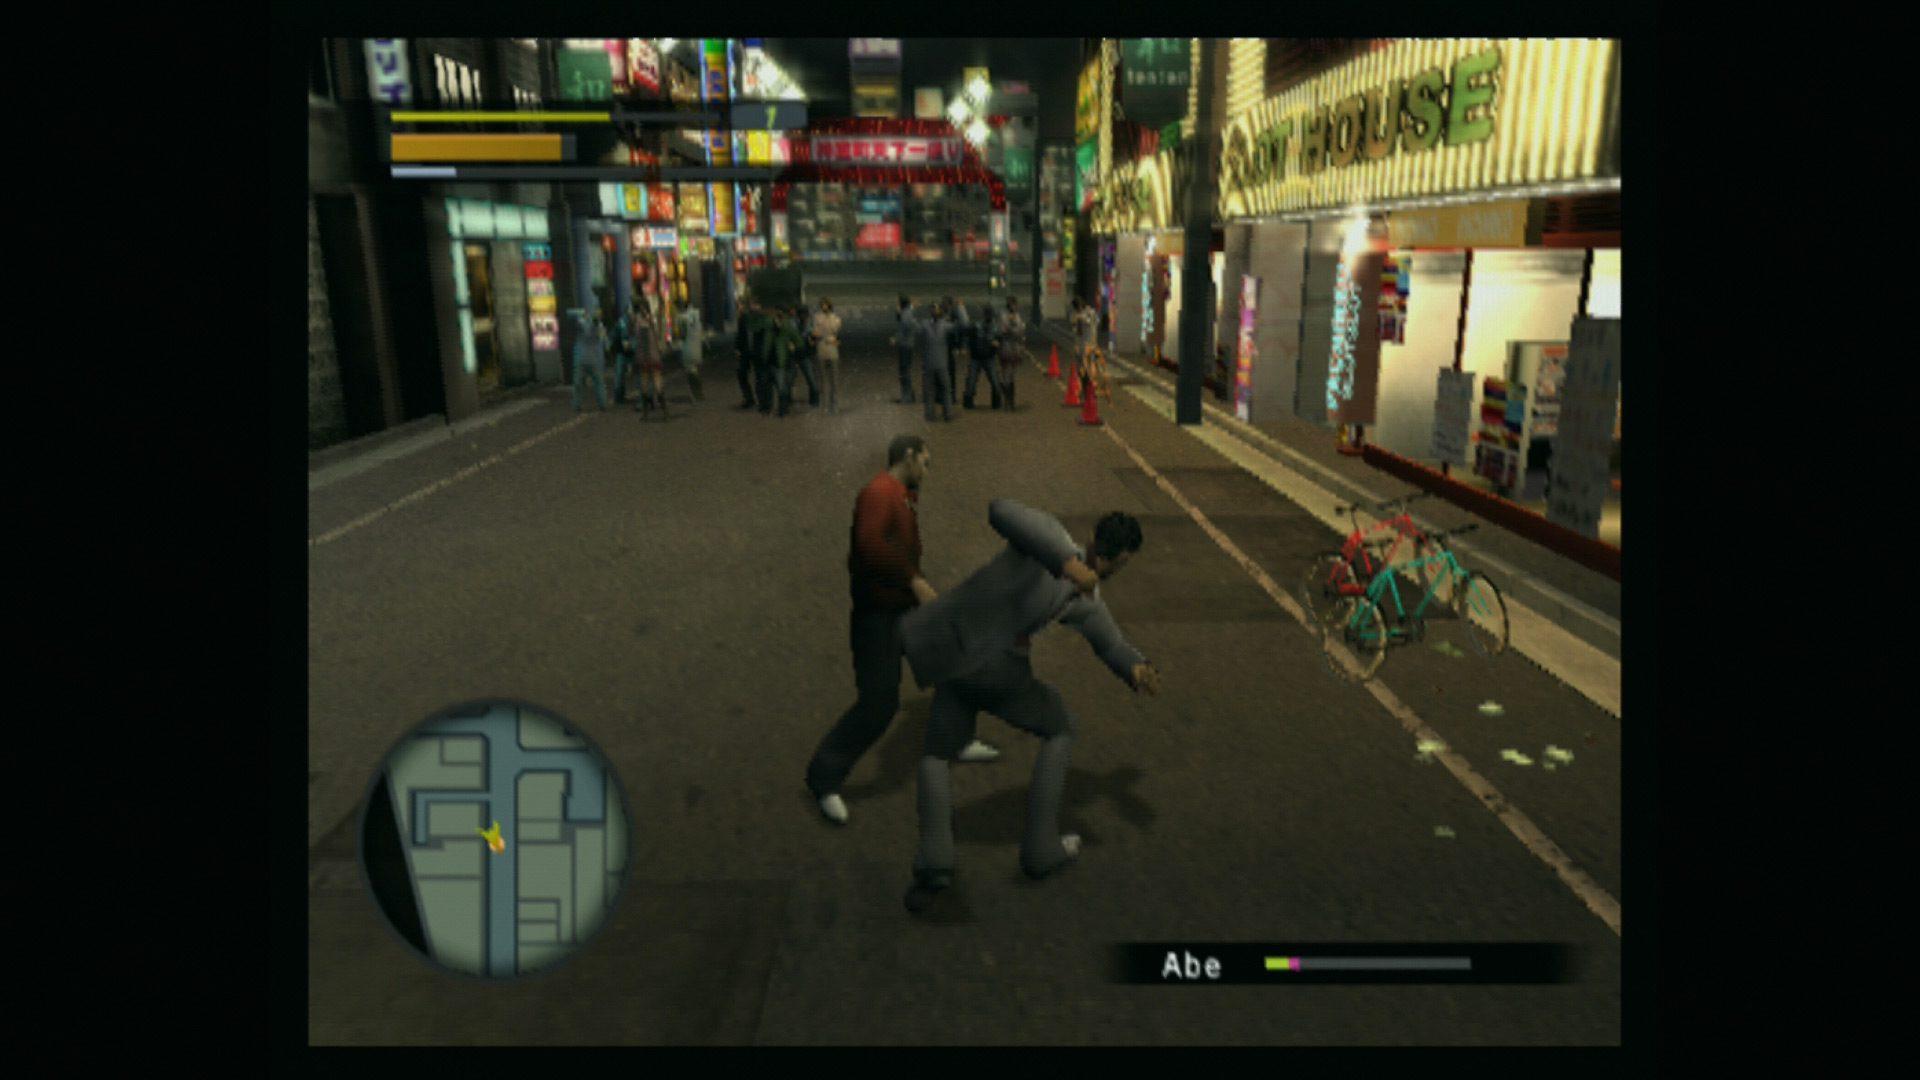 Yakuza 1 played on a CRT